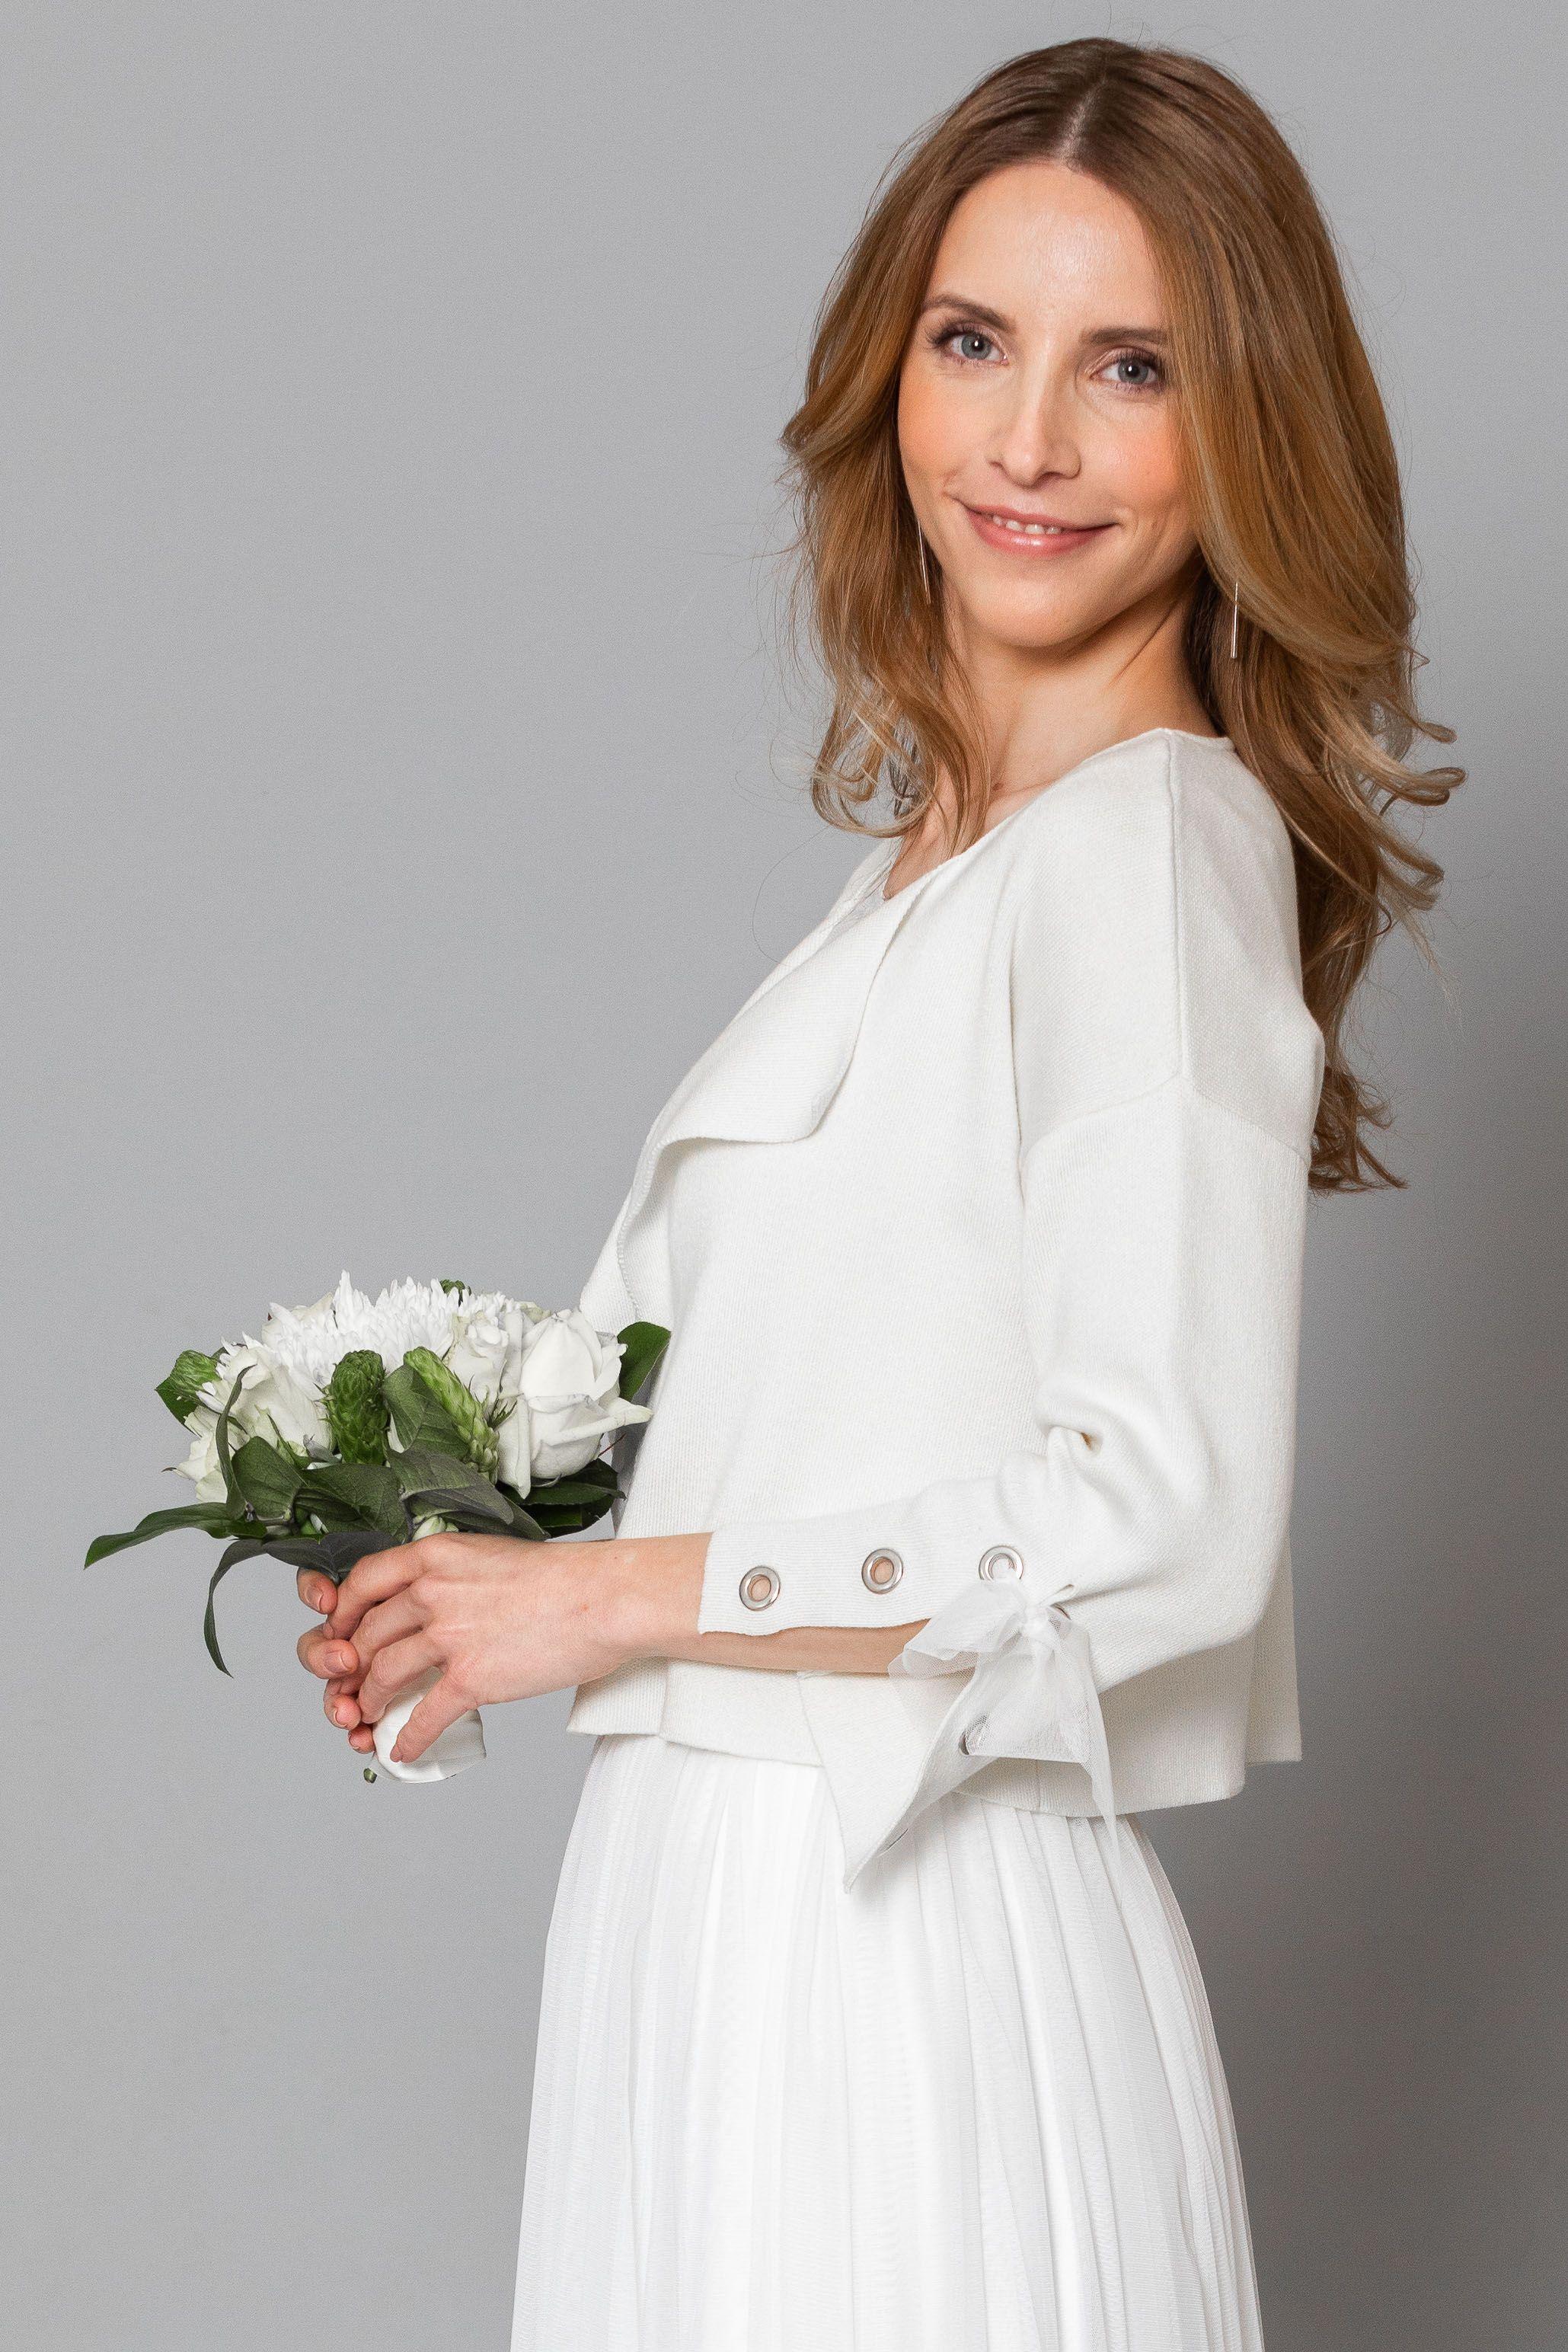 Kurzjacke als Alternative für den Braut Bolero - designt with love